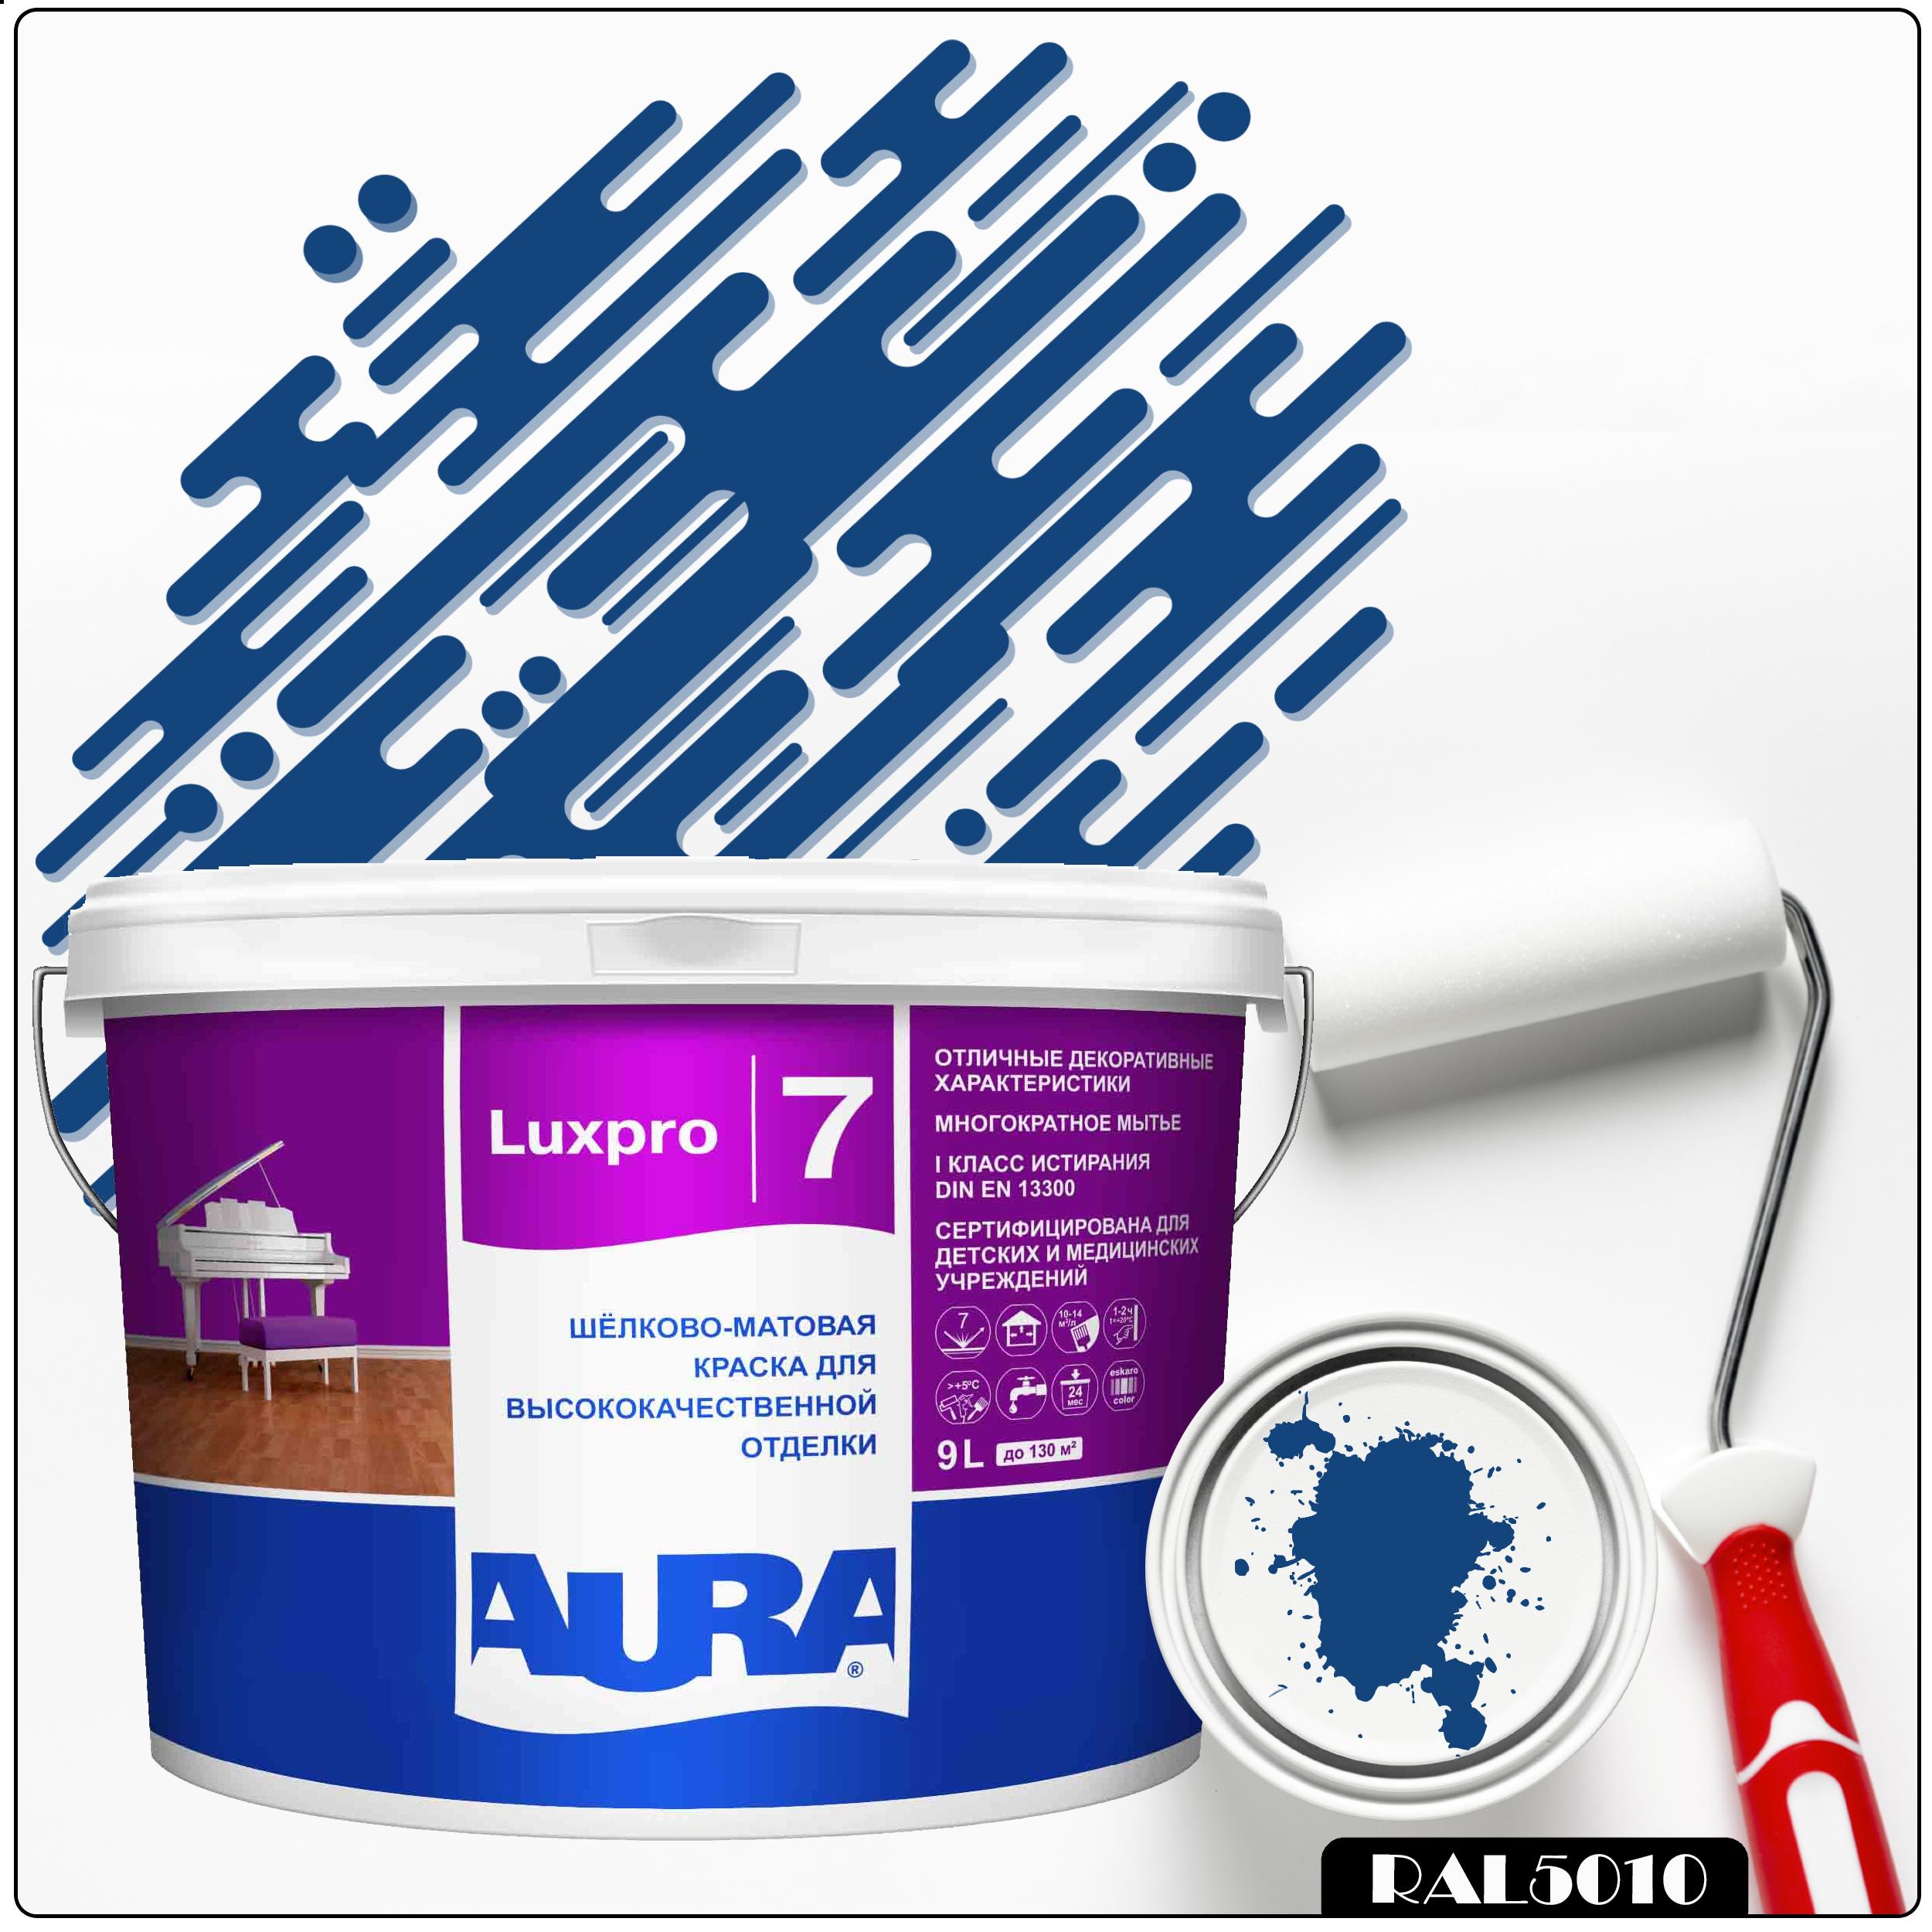 Фото 10 - Краска Aura LuxPRO 7, RAL 5010 Горечавково-синий, латексная, шелково-матовая, интерьерная, 9л, Аура.